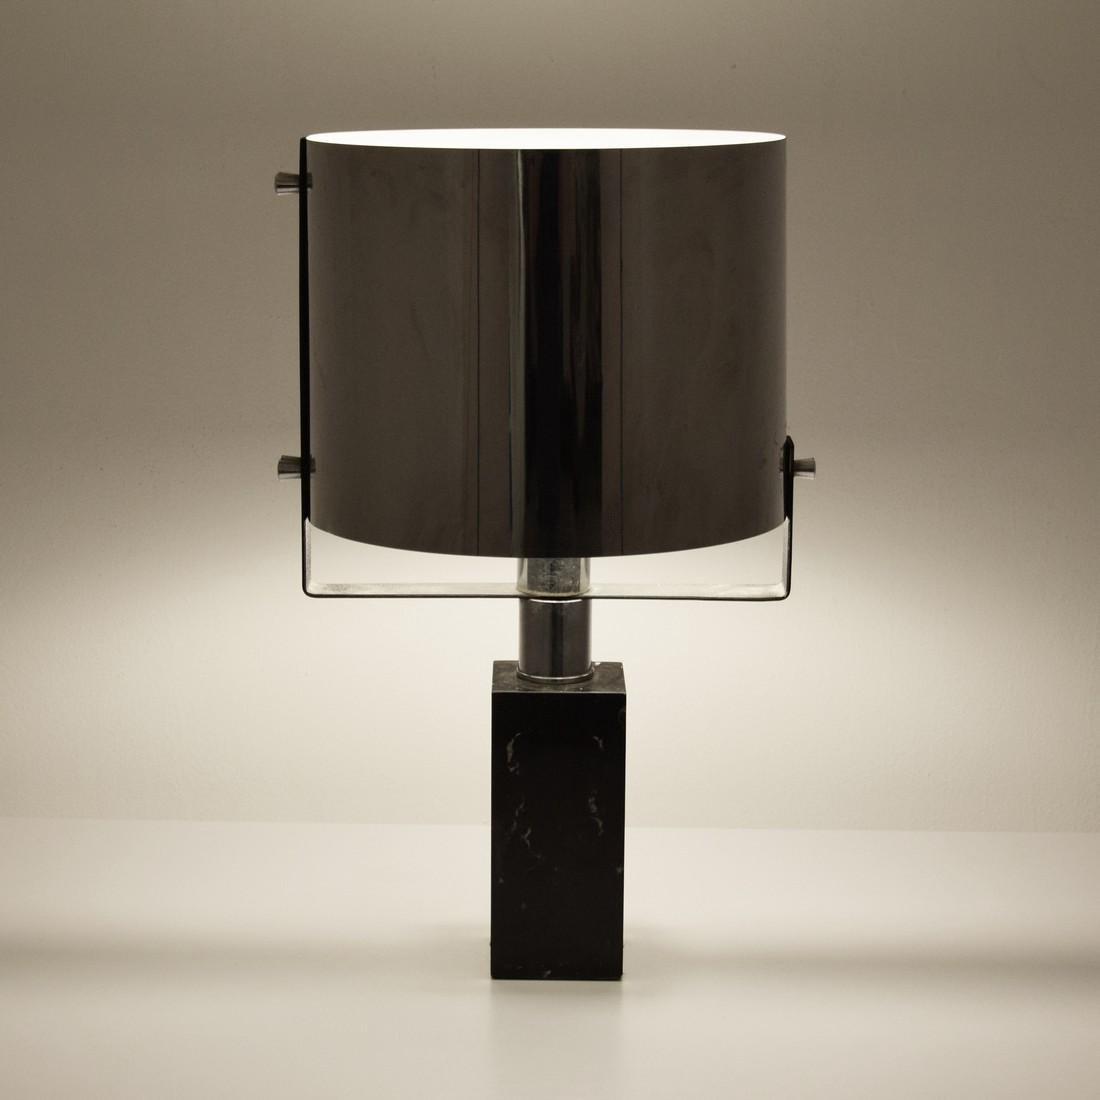 Chrome Table Lamp, Manner of Cini Boeri - 6